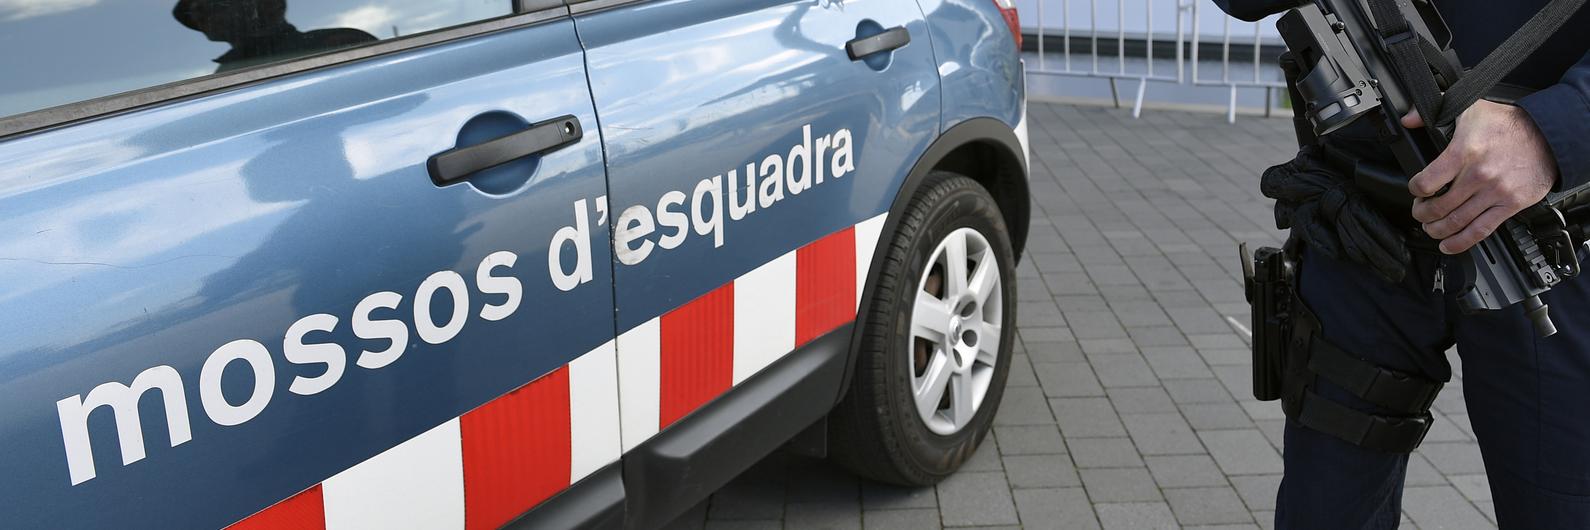 """Polícia abate homem com """"traços"""" do suspeito do ataque em Barcelona"""